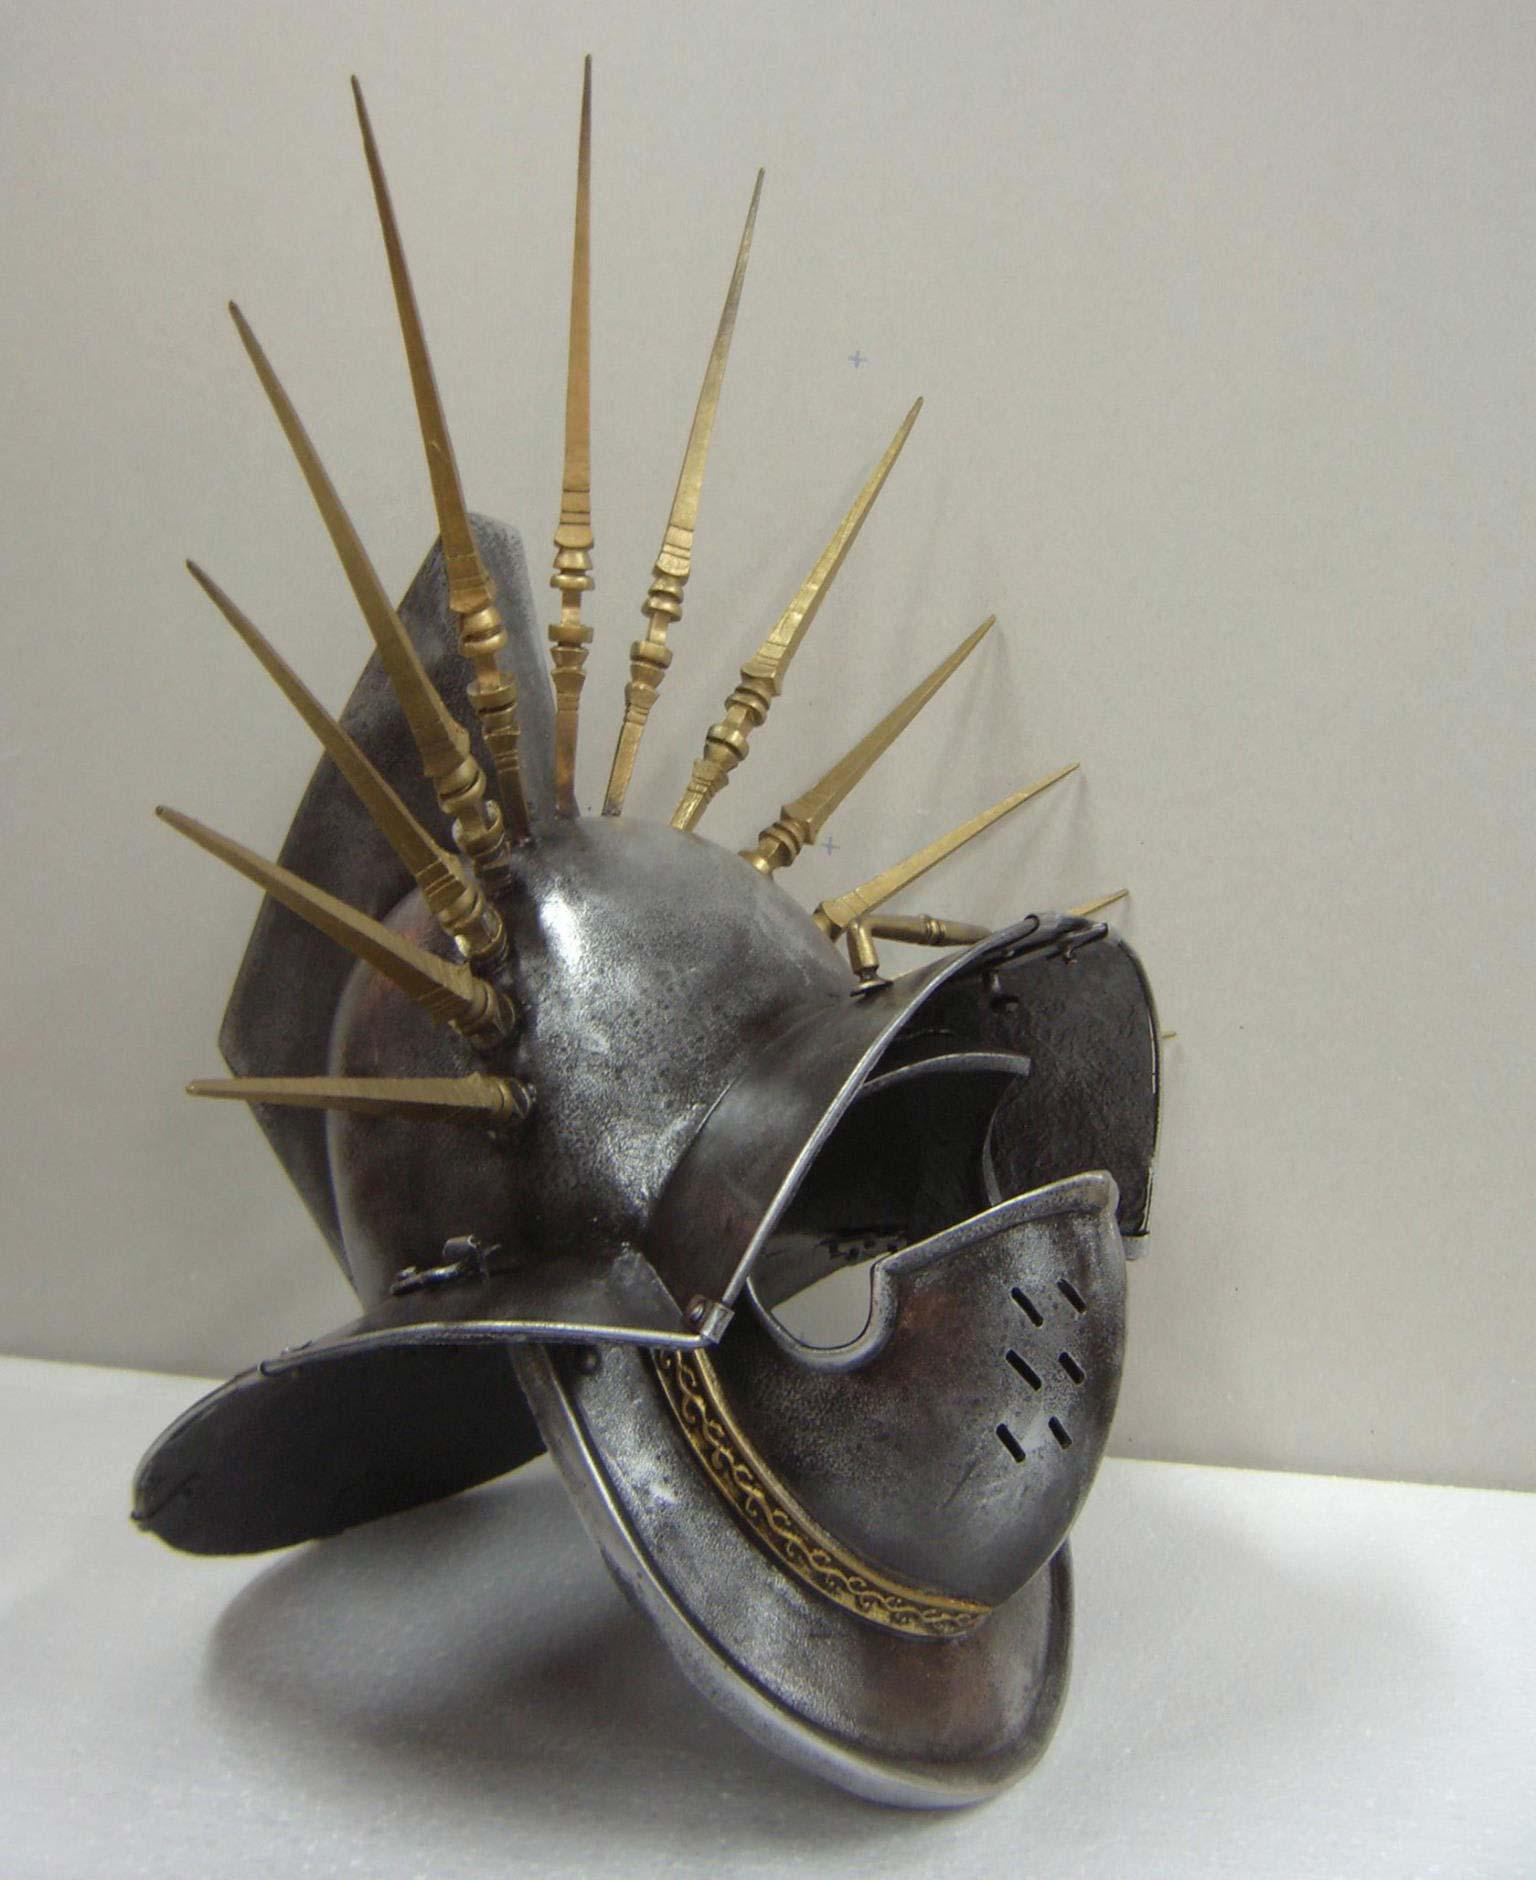 Гладиаторски шлемове от римската епоха в Общински исторически музей - Царево